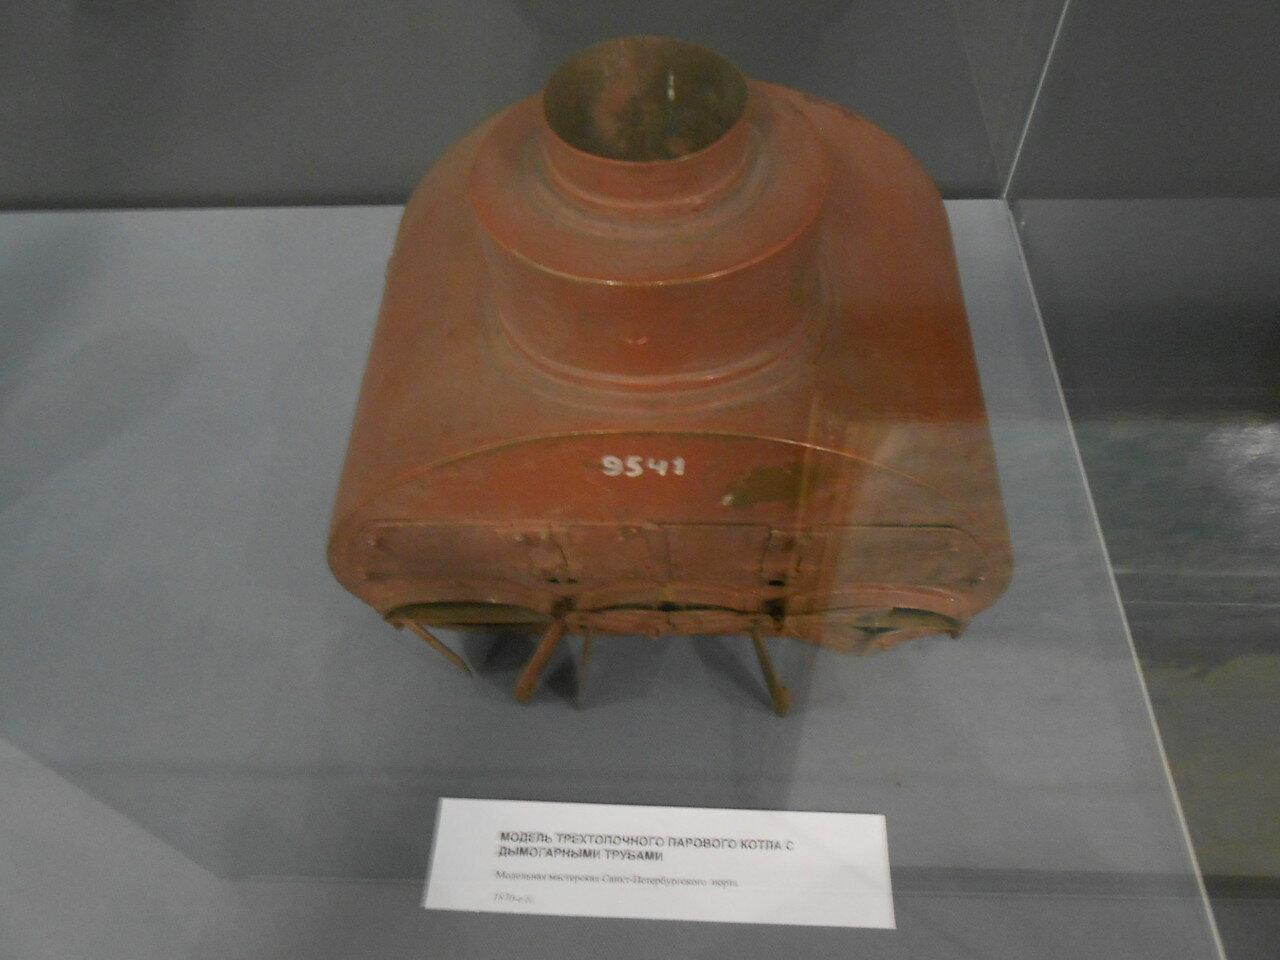 DSCN8816.JPG